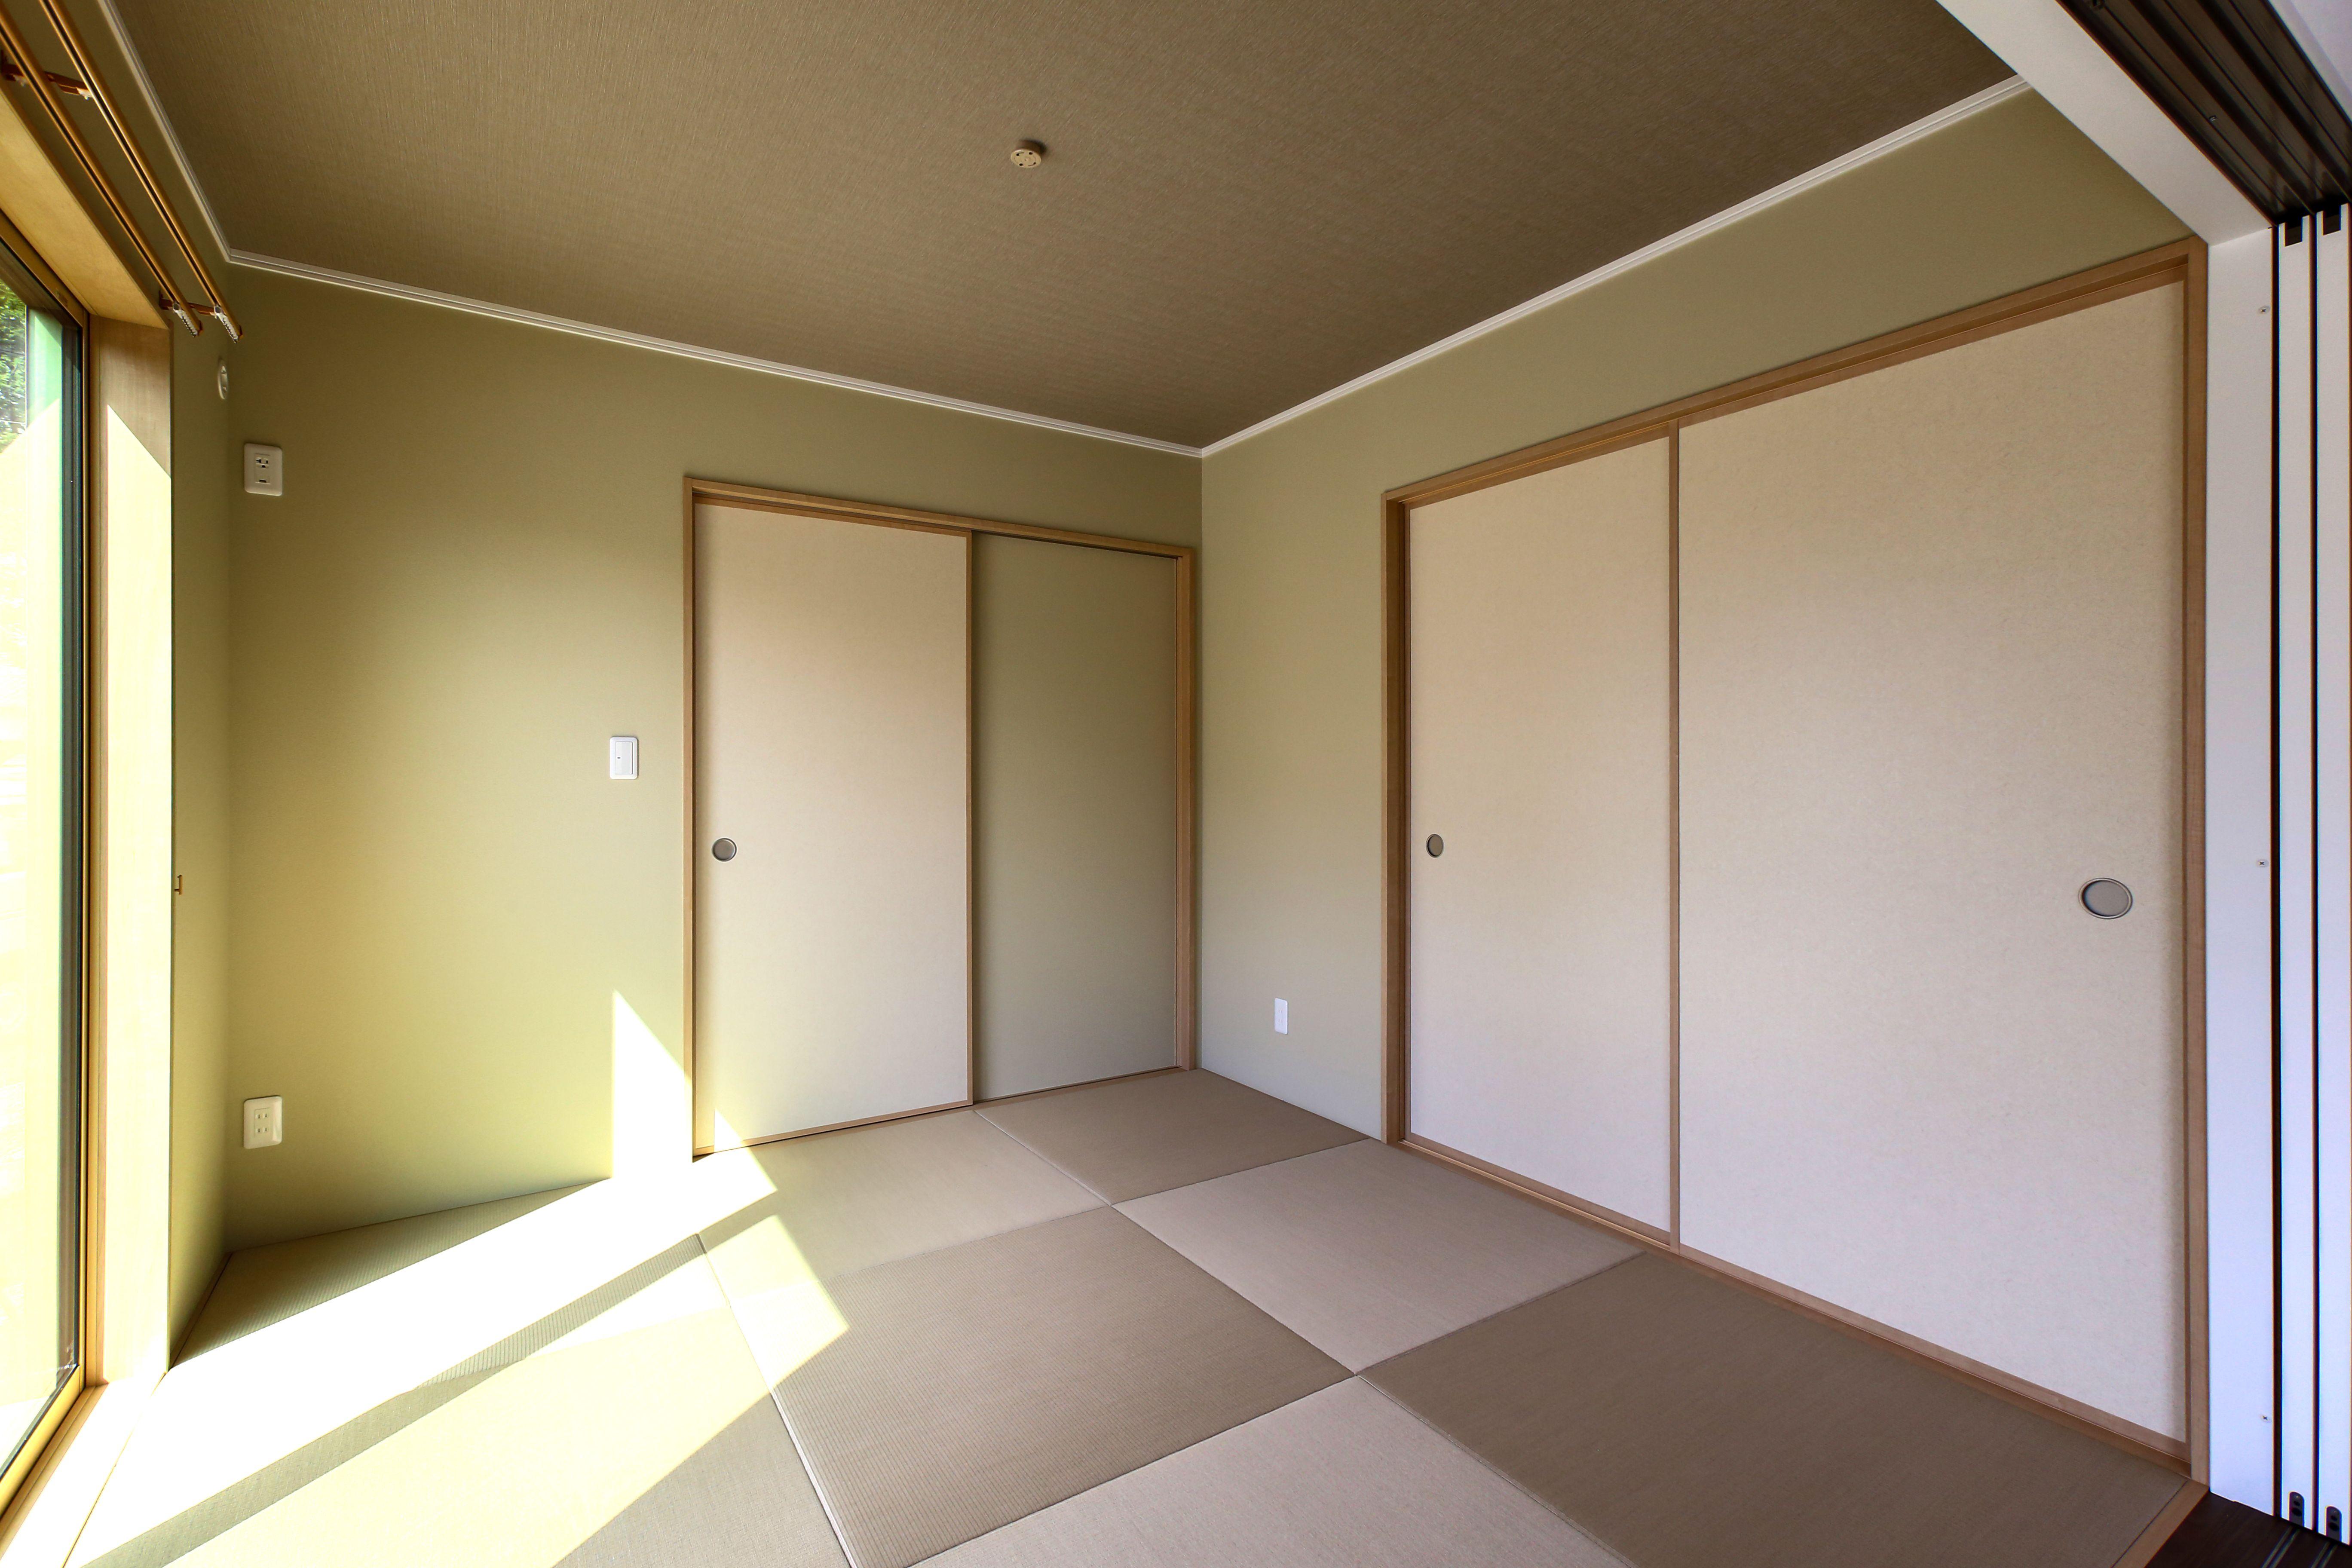 建築実例 和室 縁無し 畳 襖 押入 壁紙 天井 グリーン ブラウン モダン